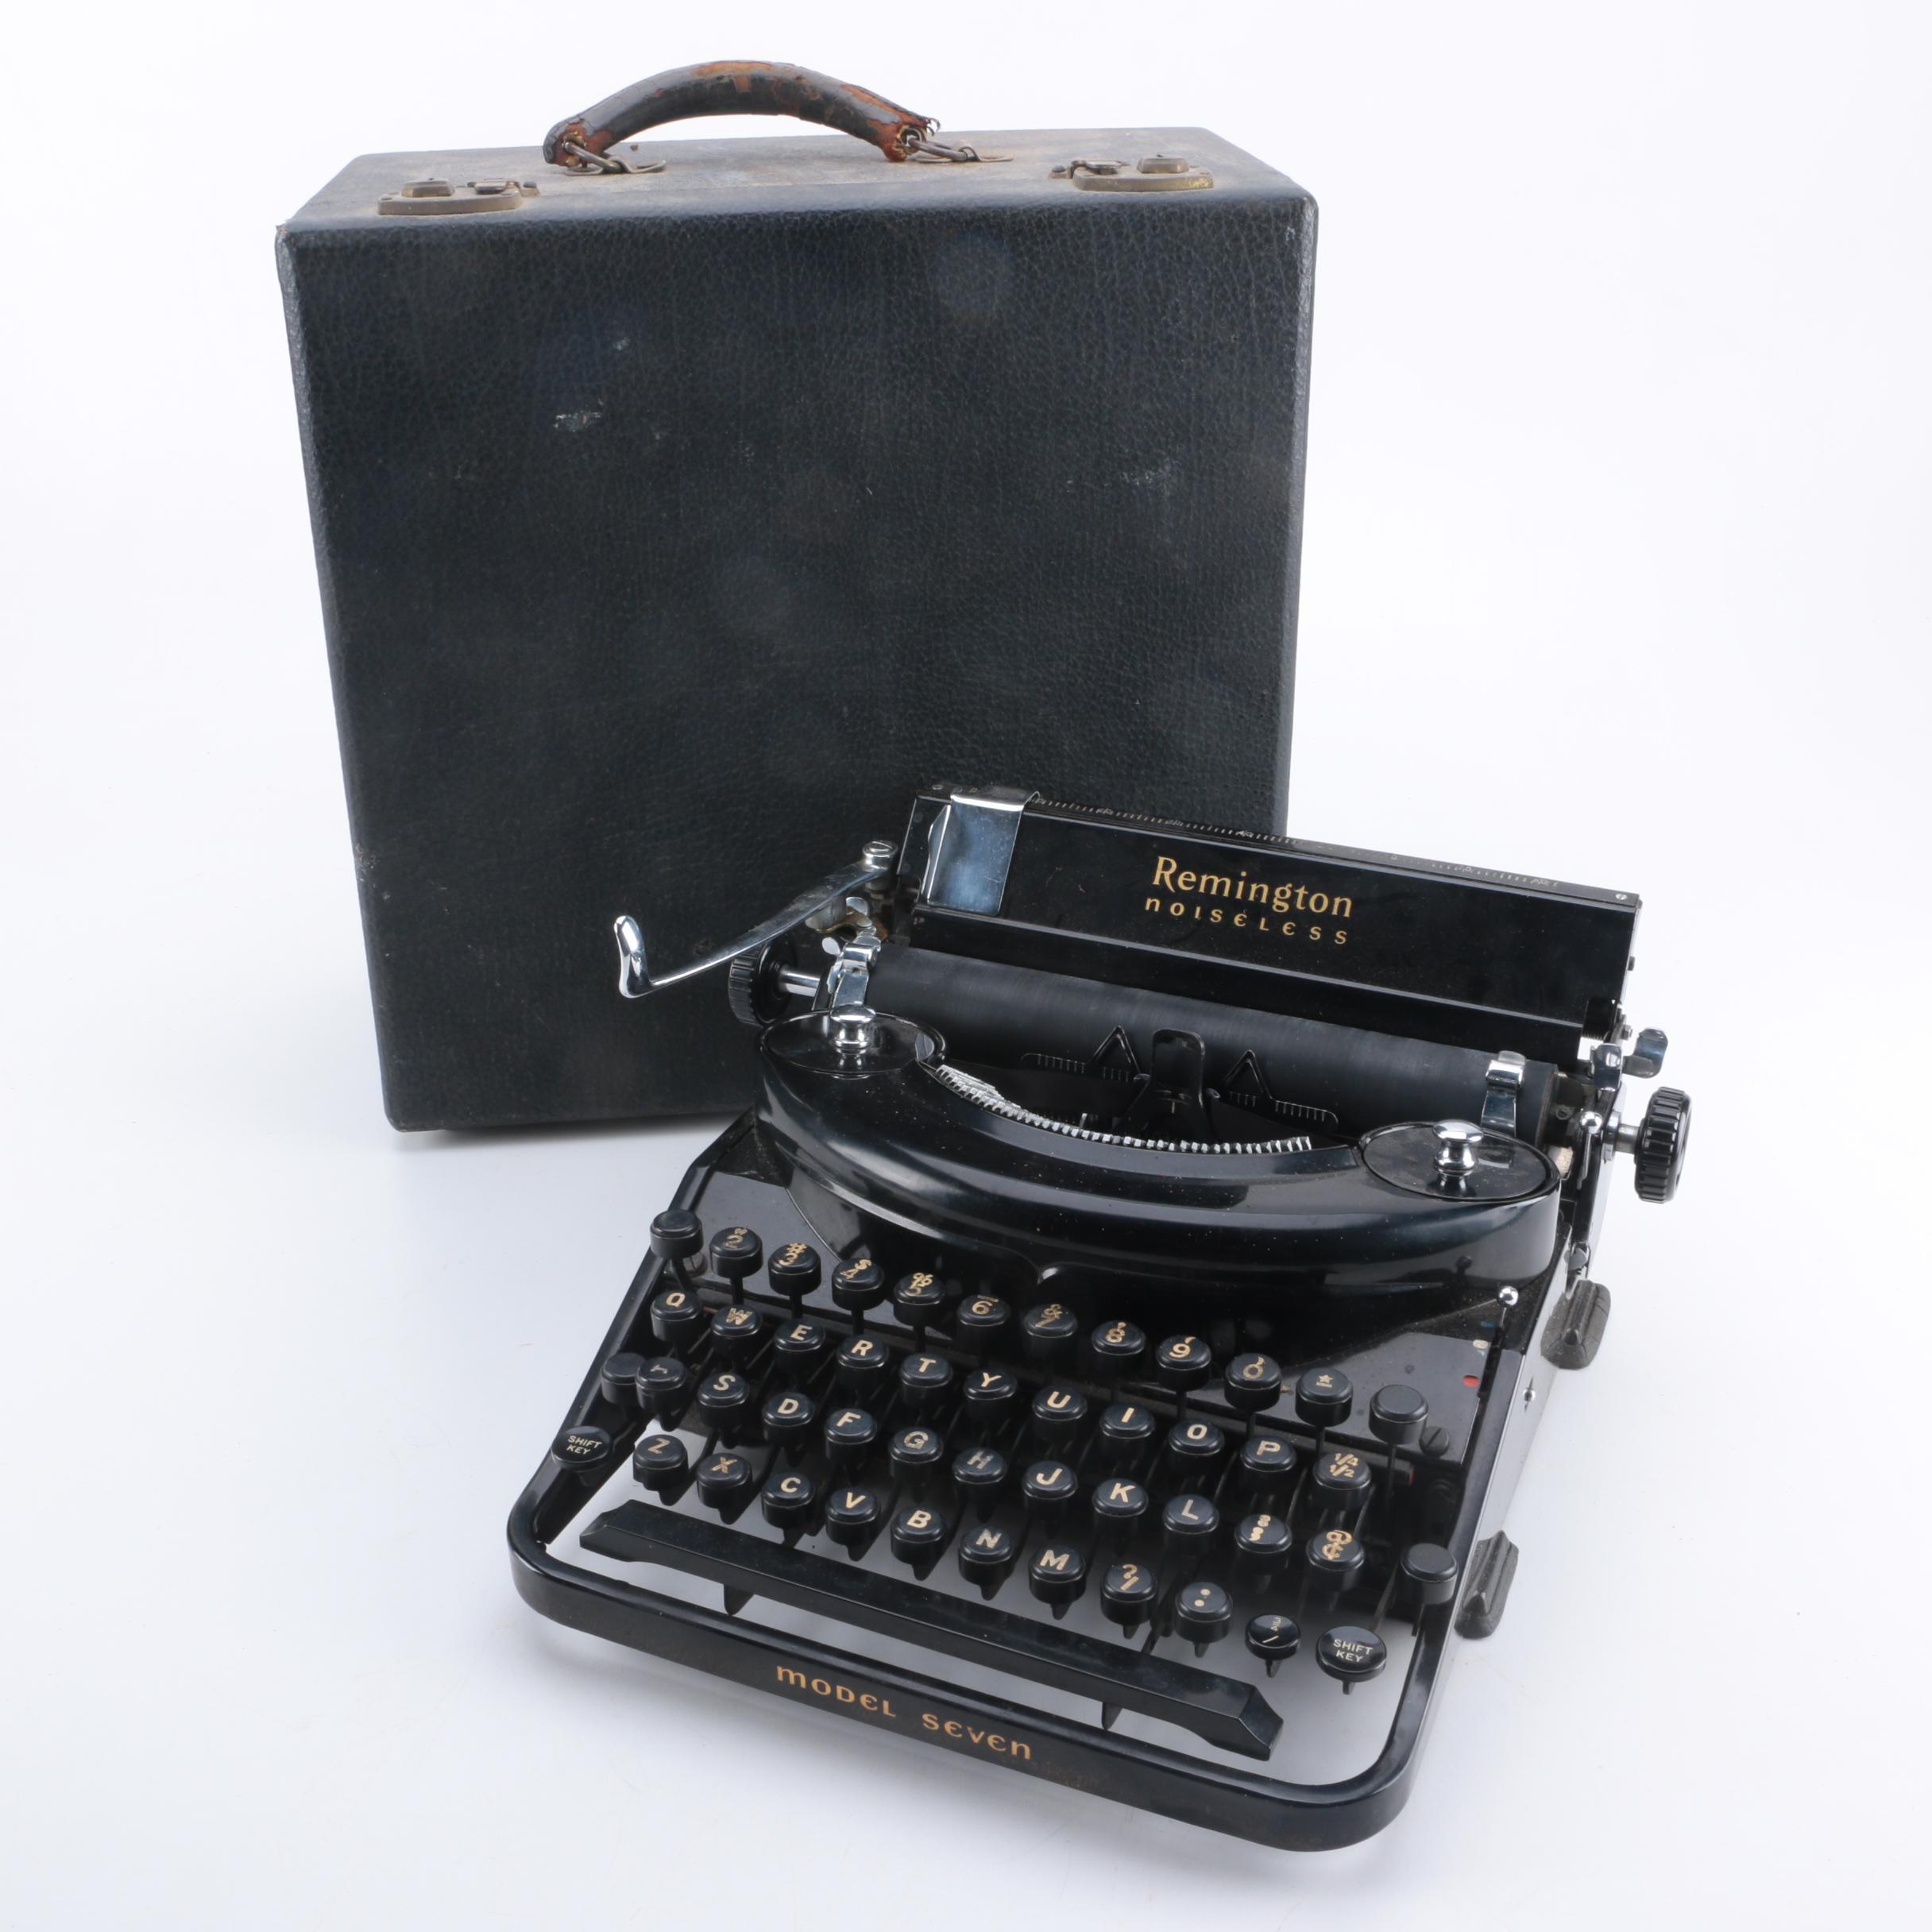 Vintage Remington Noseless Model Seven Typewriter